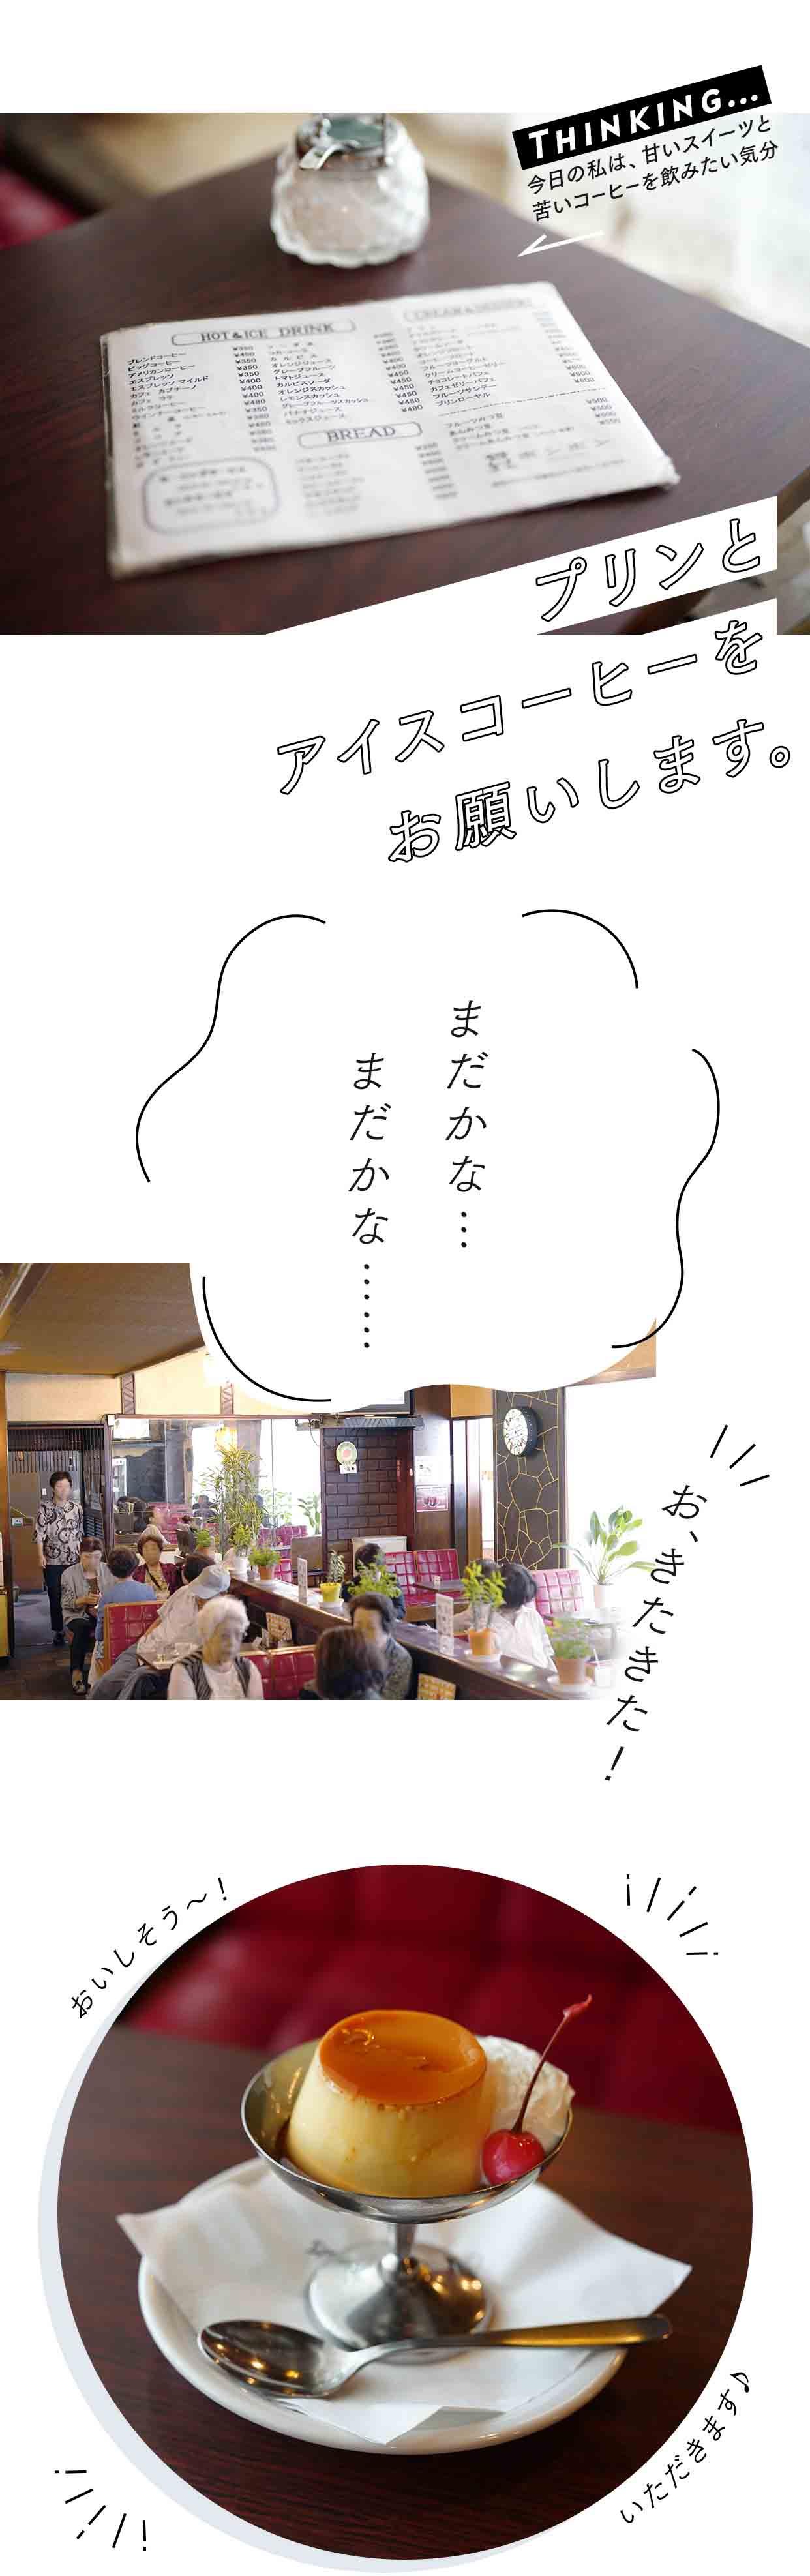 レトロとプリン。名古屋の老舗喫茶「ボンボン」でちょっとお茶でもしませんか。 - fbf6e59eff742888354a43d1c876206c